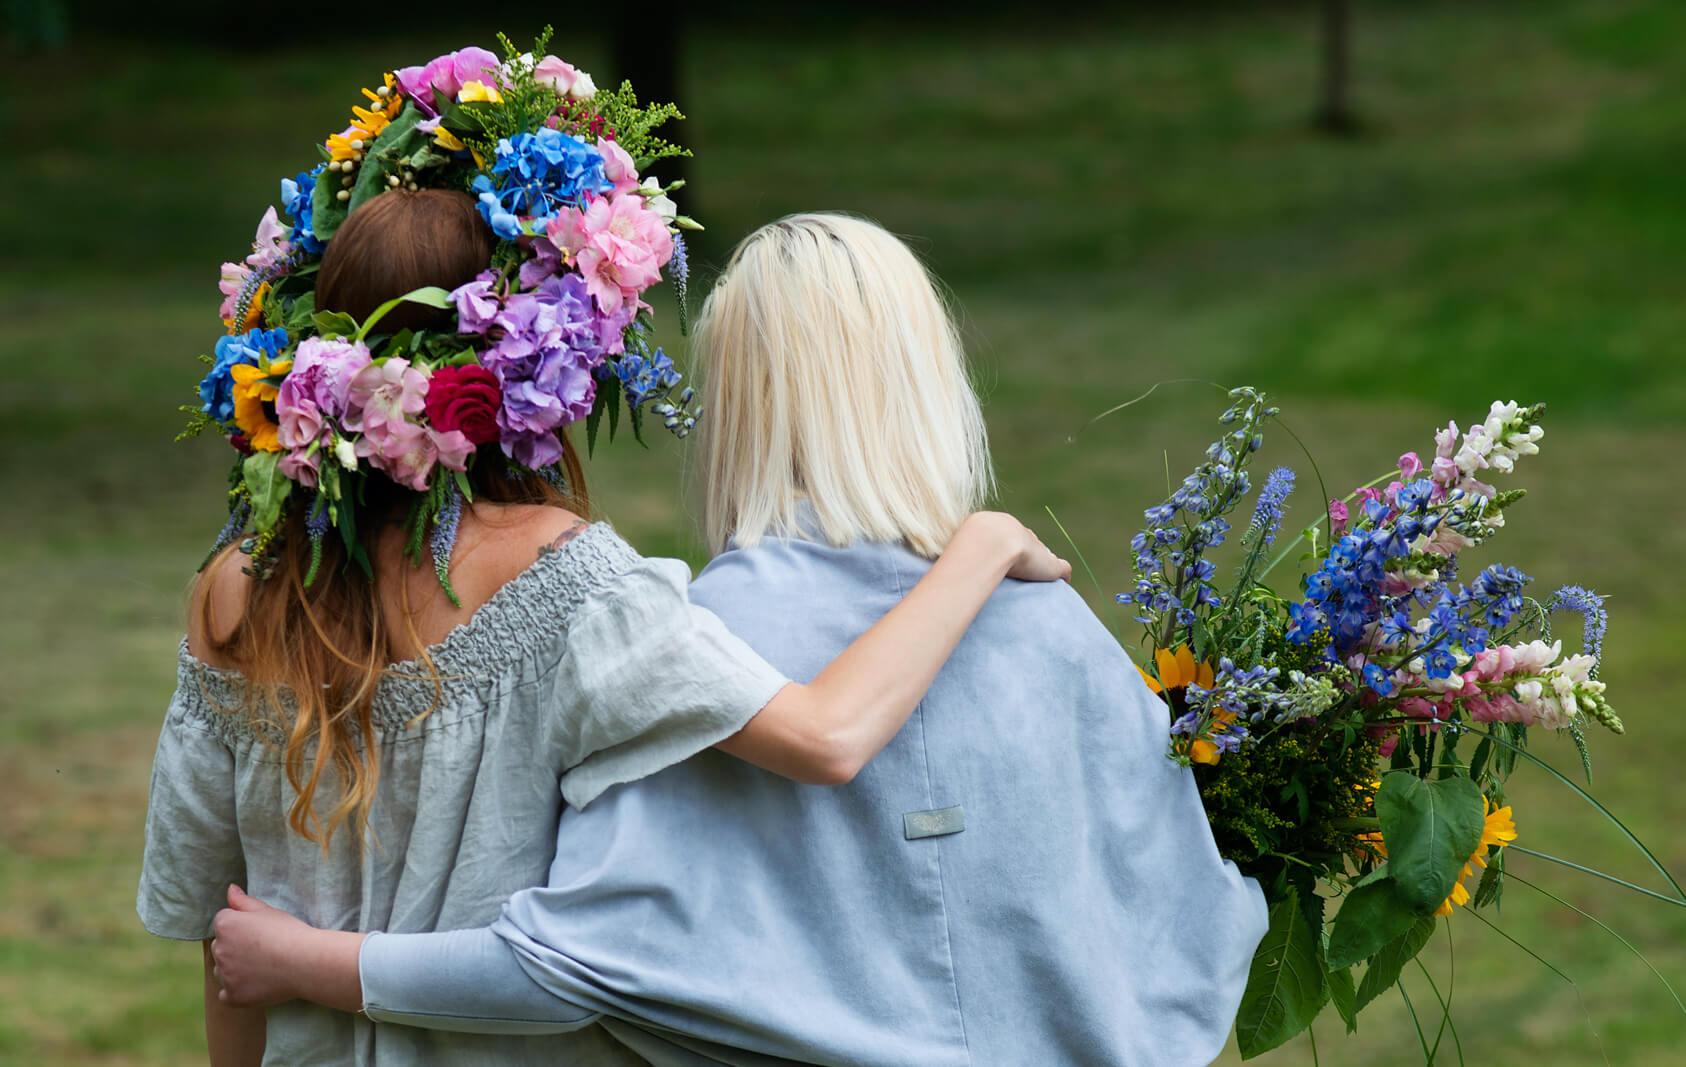 resibo_pielęgnacja włosów dwie kobiety odwrócone w wianku i z kwiatami